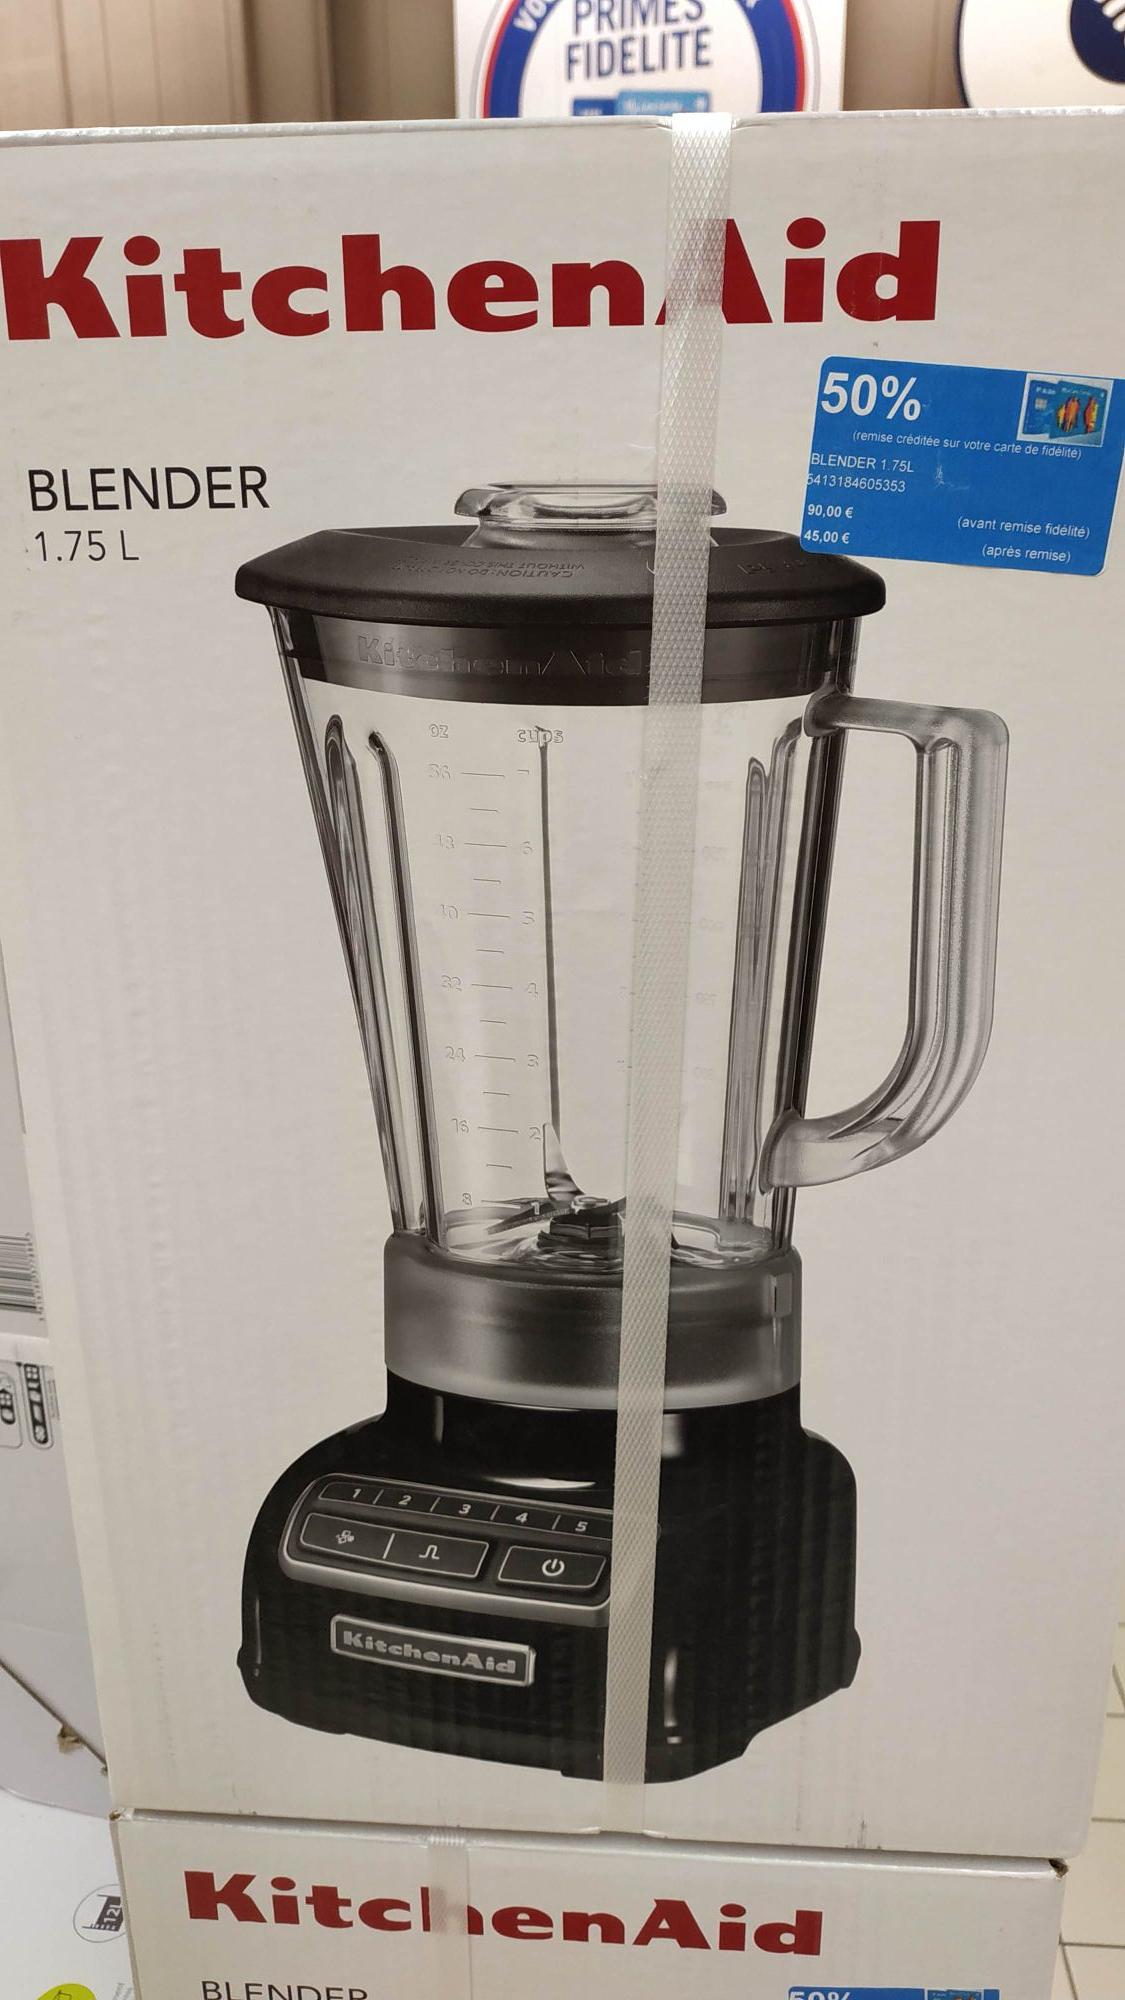 Blender Kitchenaid 1.75L (via 45€ sur la carte) - Aire sur la lys (62)